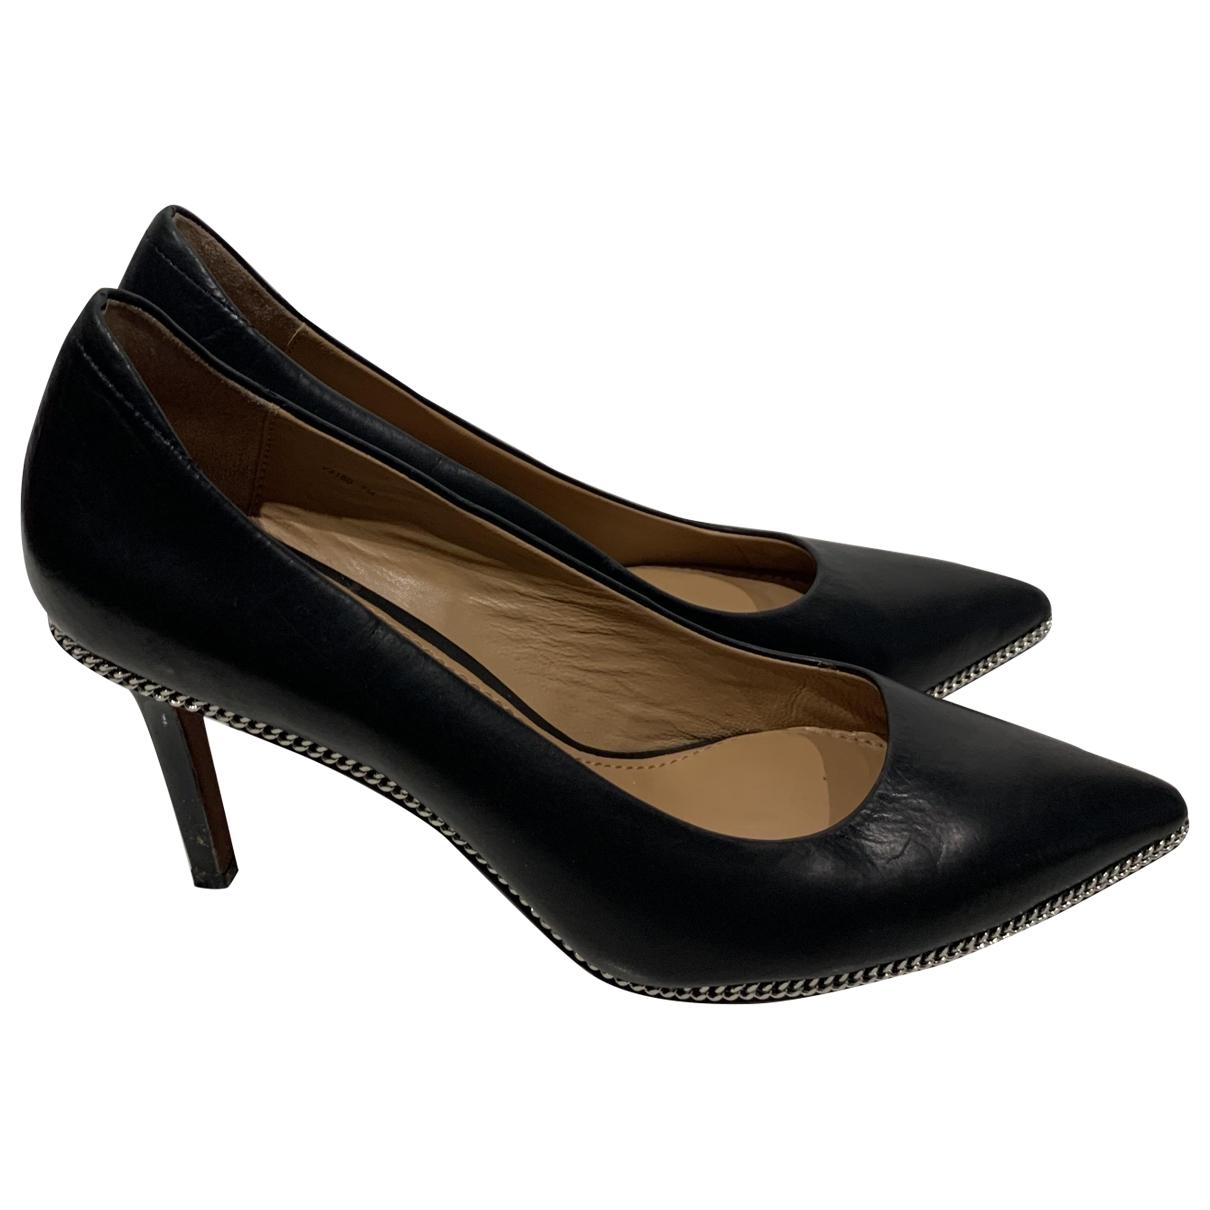 Rachel Zoe - Escarpins   pour femme en cuir - noir